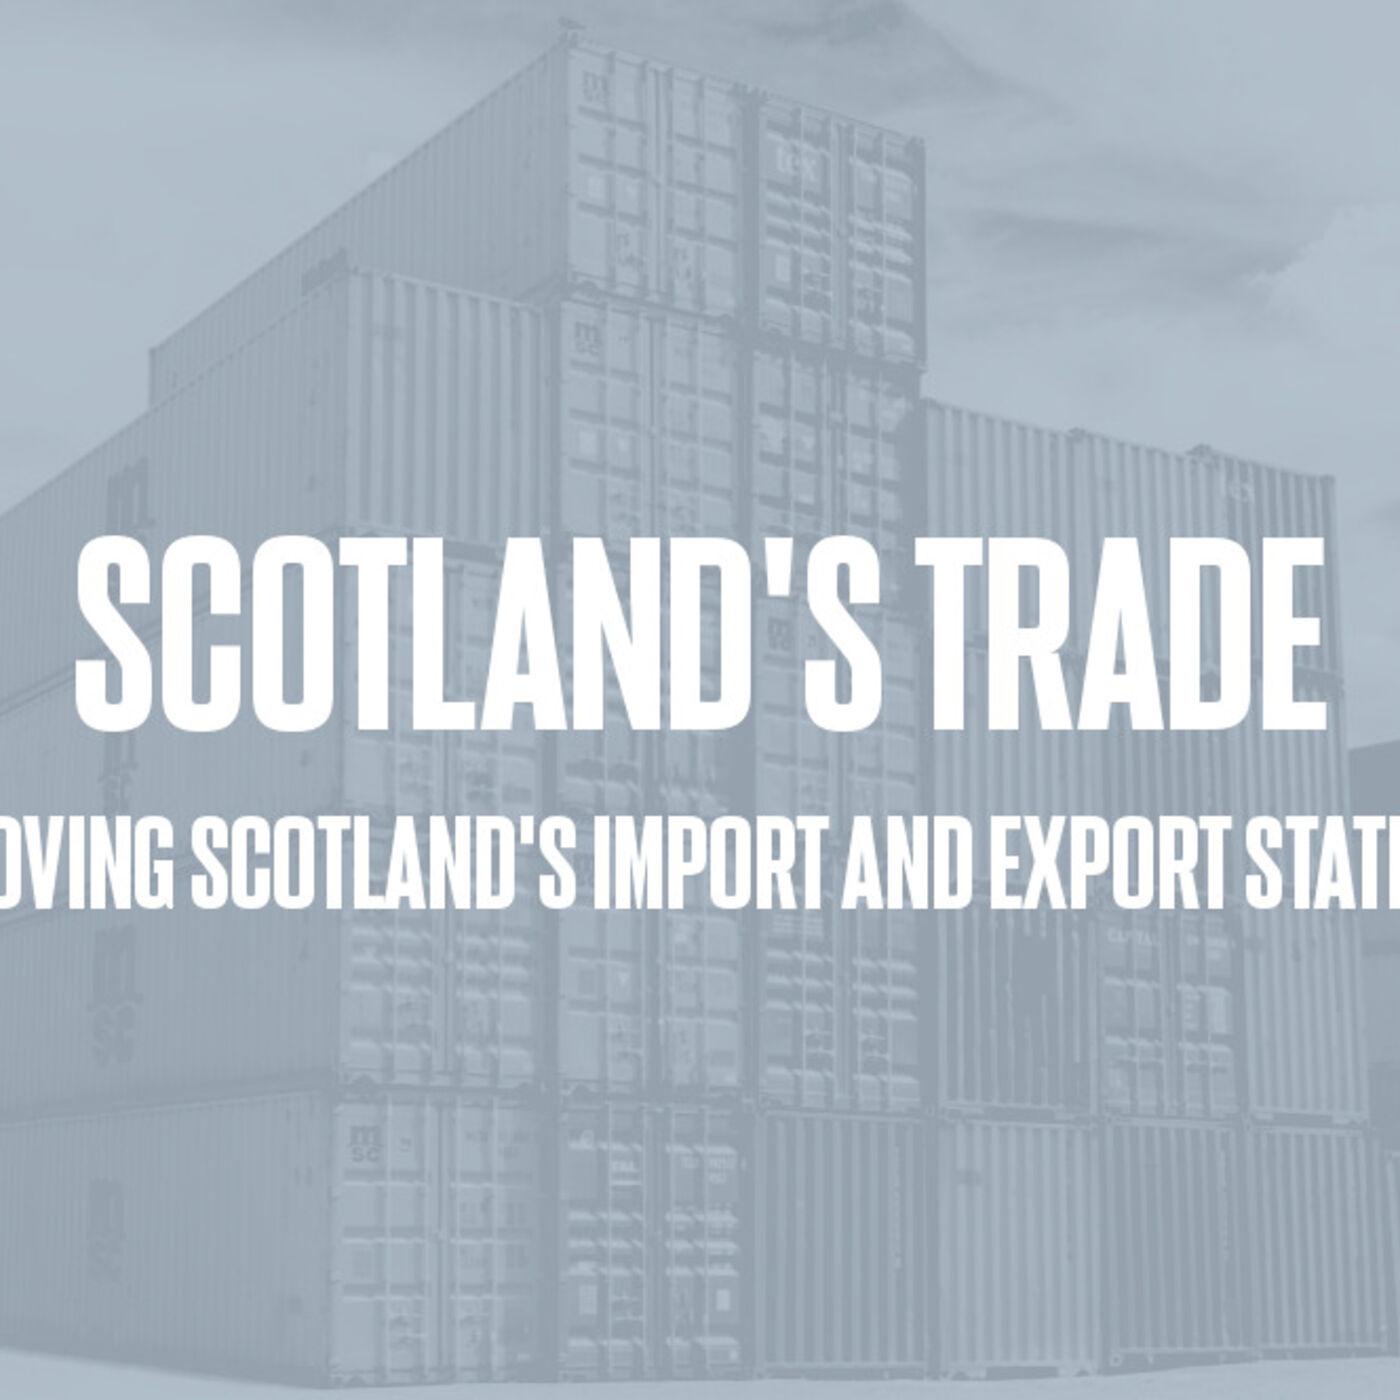 Episode #17 - Scotland's Trade